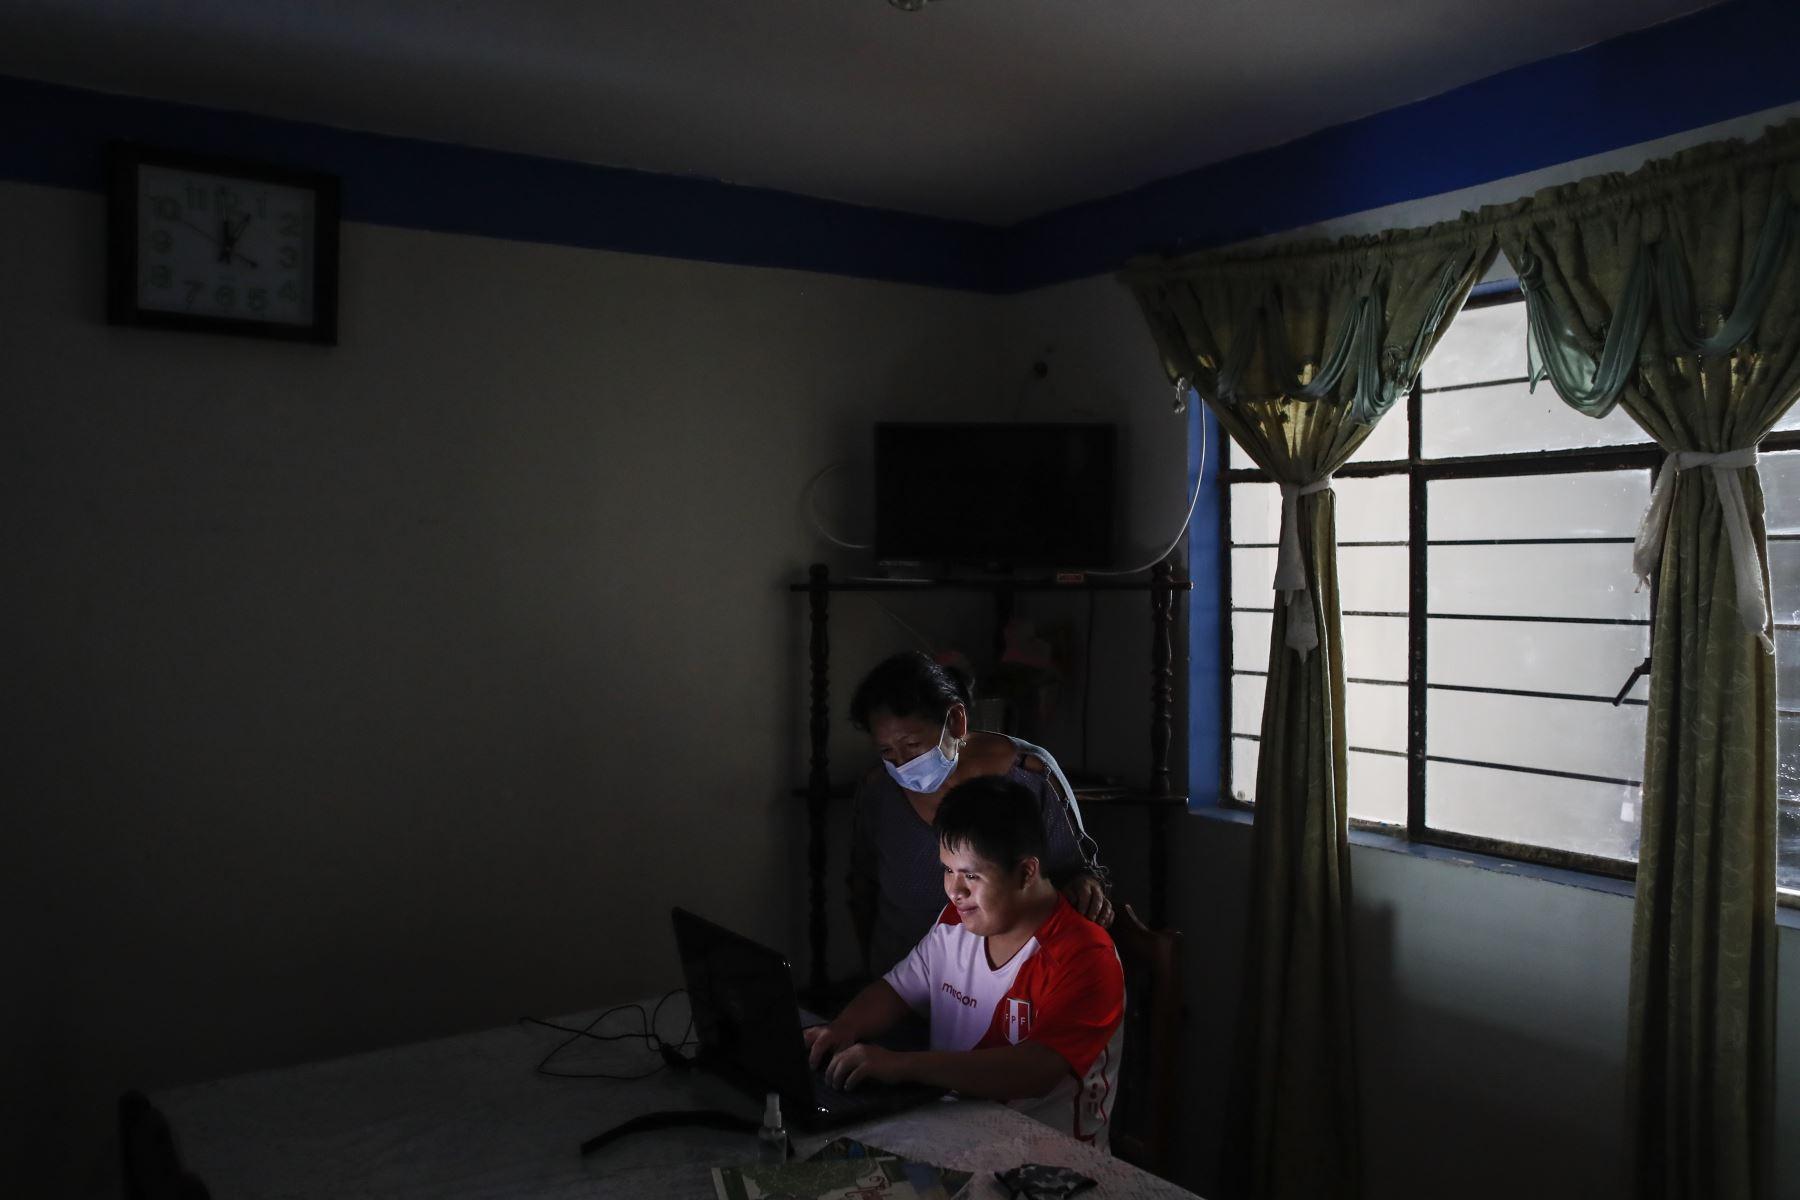 Ronny Flores enseña a su madre algunos videos de sus jugadores favoritos en Youtube. Foto: ANDINA/Renato Pajuelo